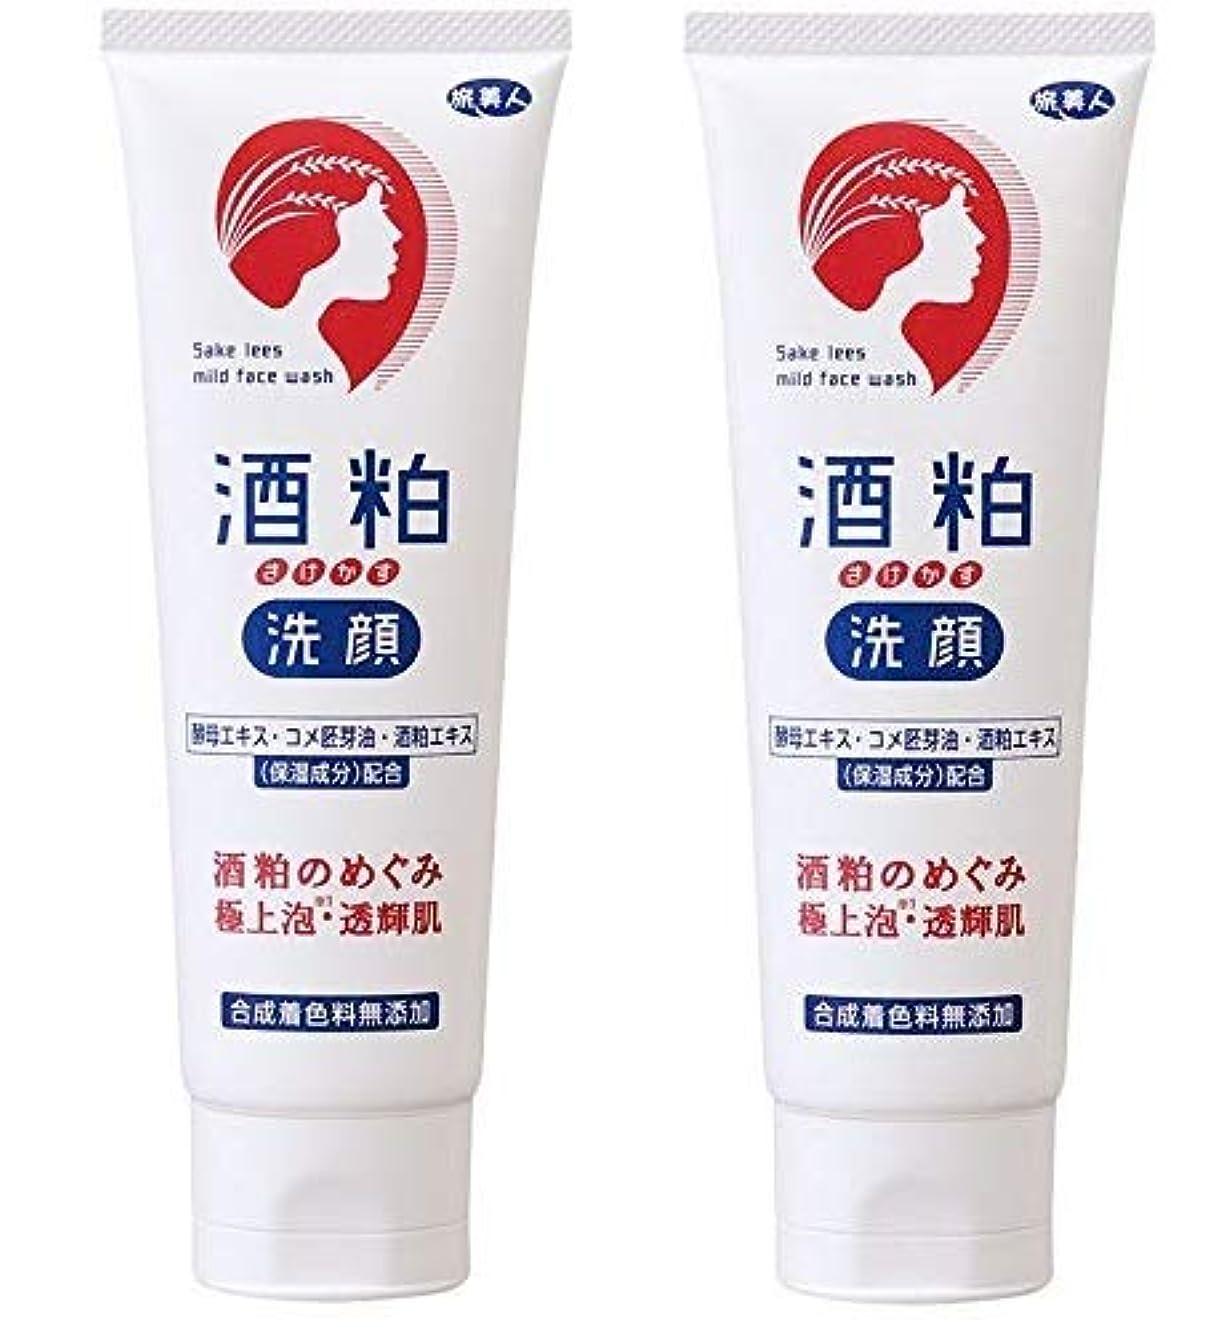 八ジェムコーン旅美人 酒粕洗顔 アズマ商事 (2個)